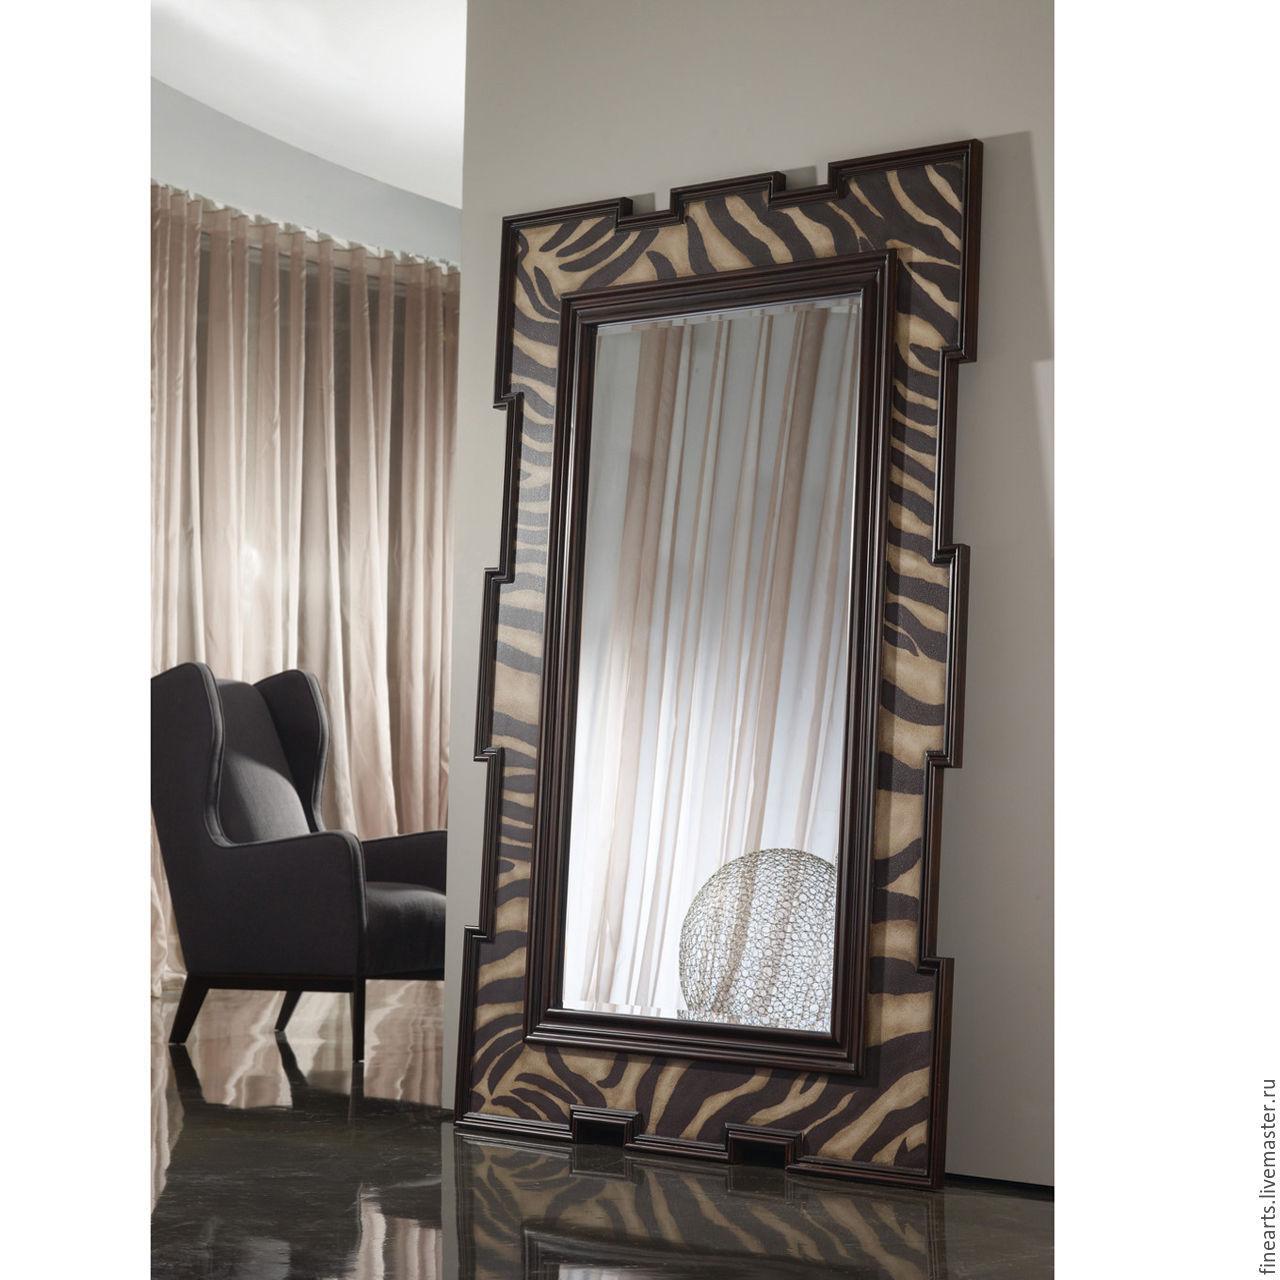 764217a25bb8 Зеркала ручной работы. Ярмарка Мастеров - ручная работа. Купить  Дизайнерское напольное зеркало в раме ...